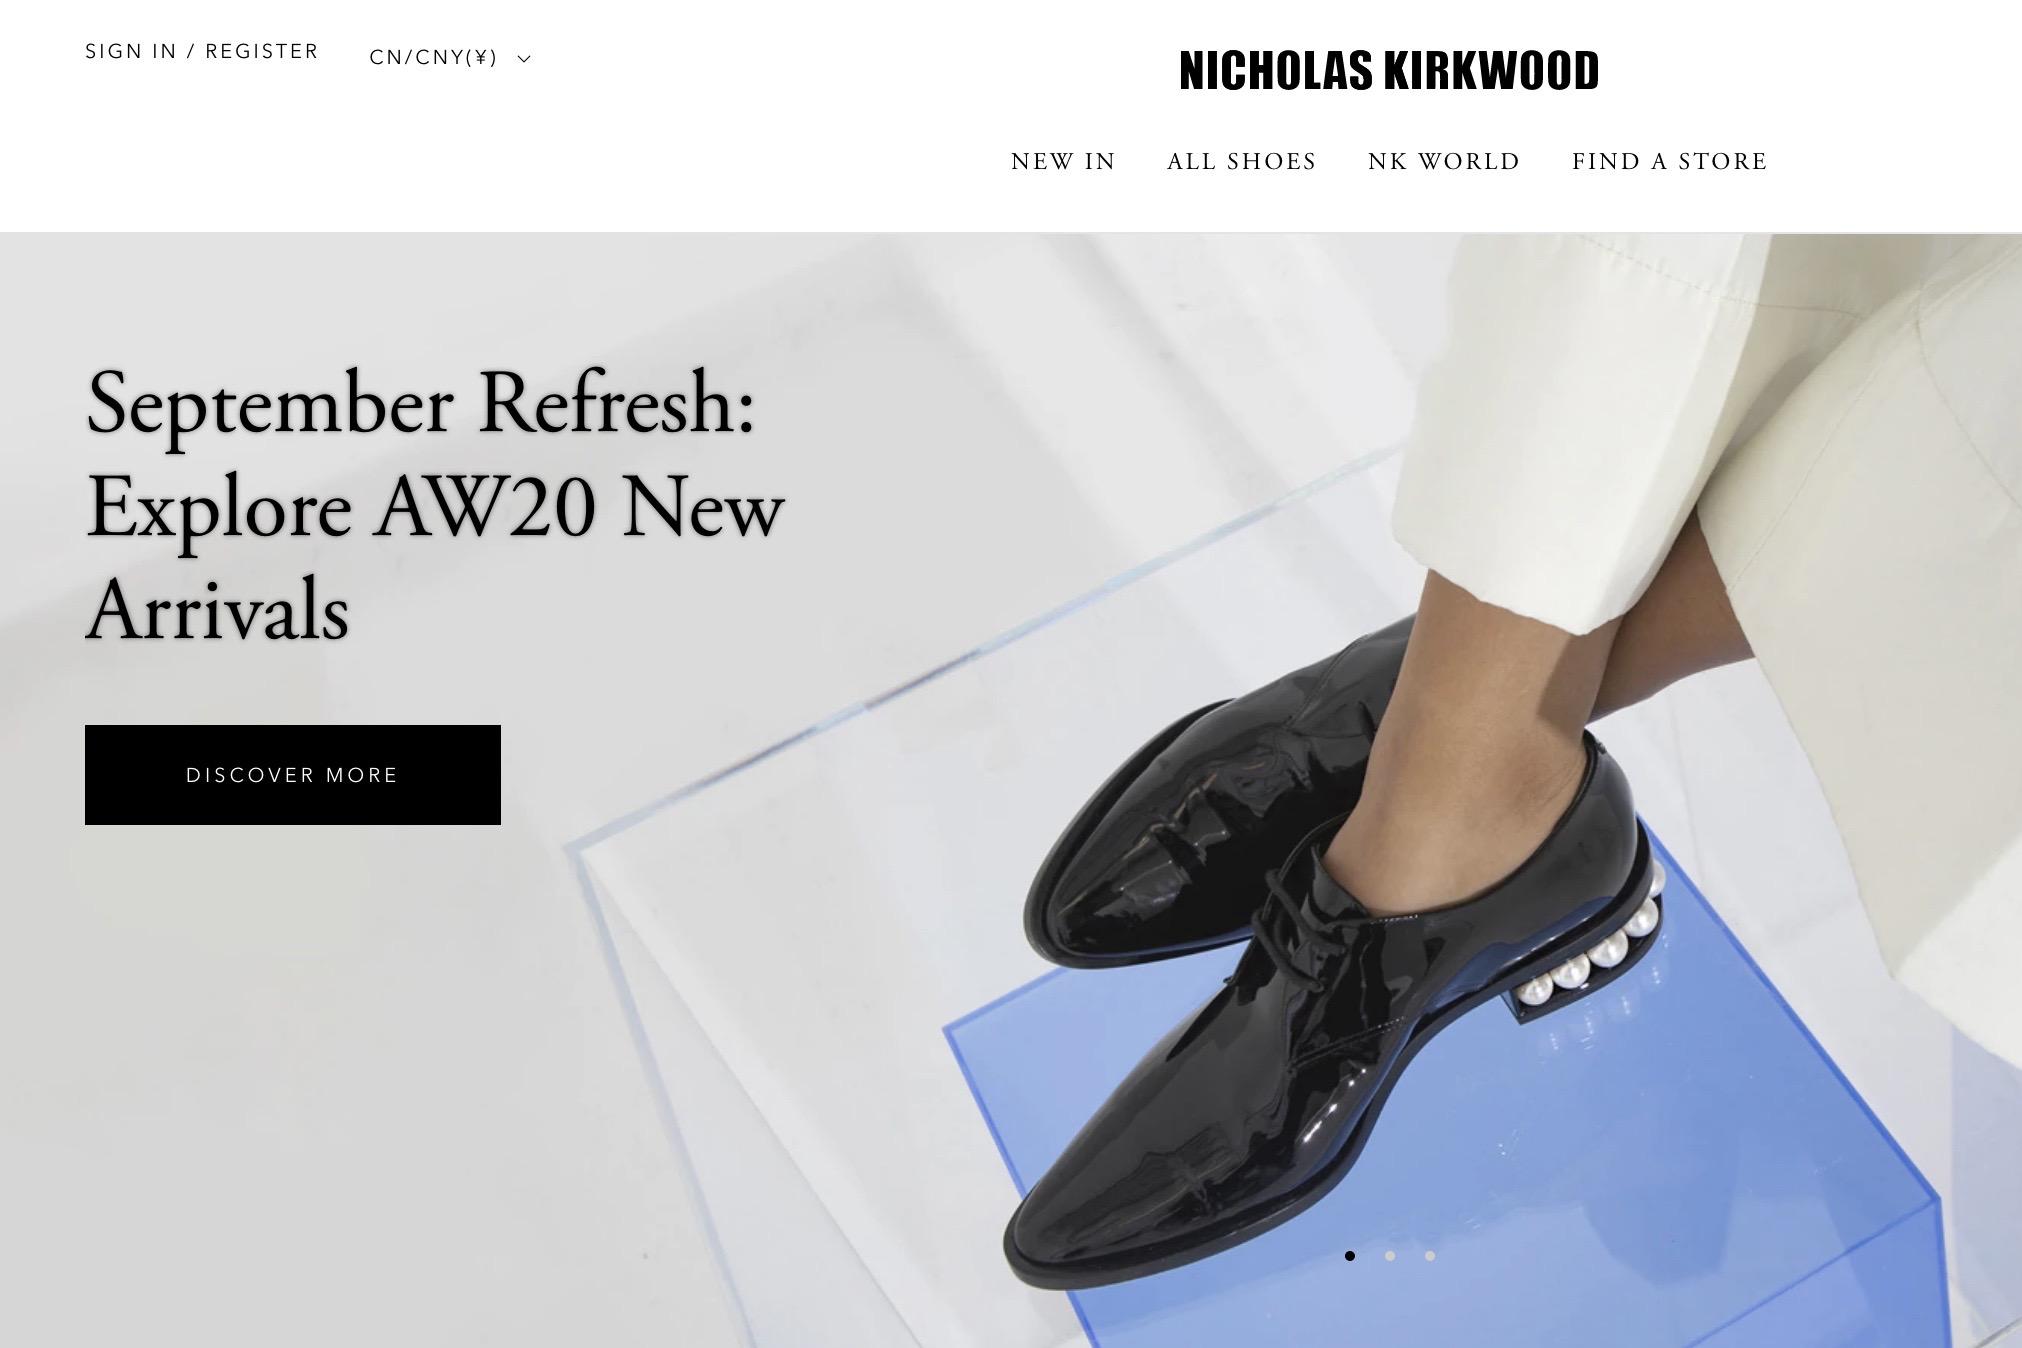 脱离 LVMH集团,英国奢侈鞋履品牌 Nicholas Kirkwood结束双方7年的合作关系